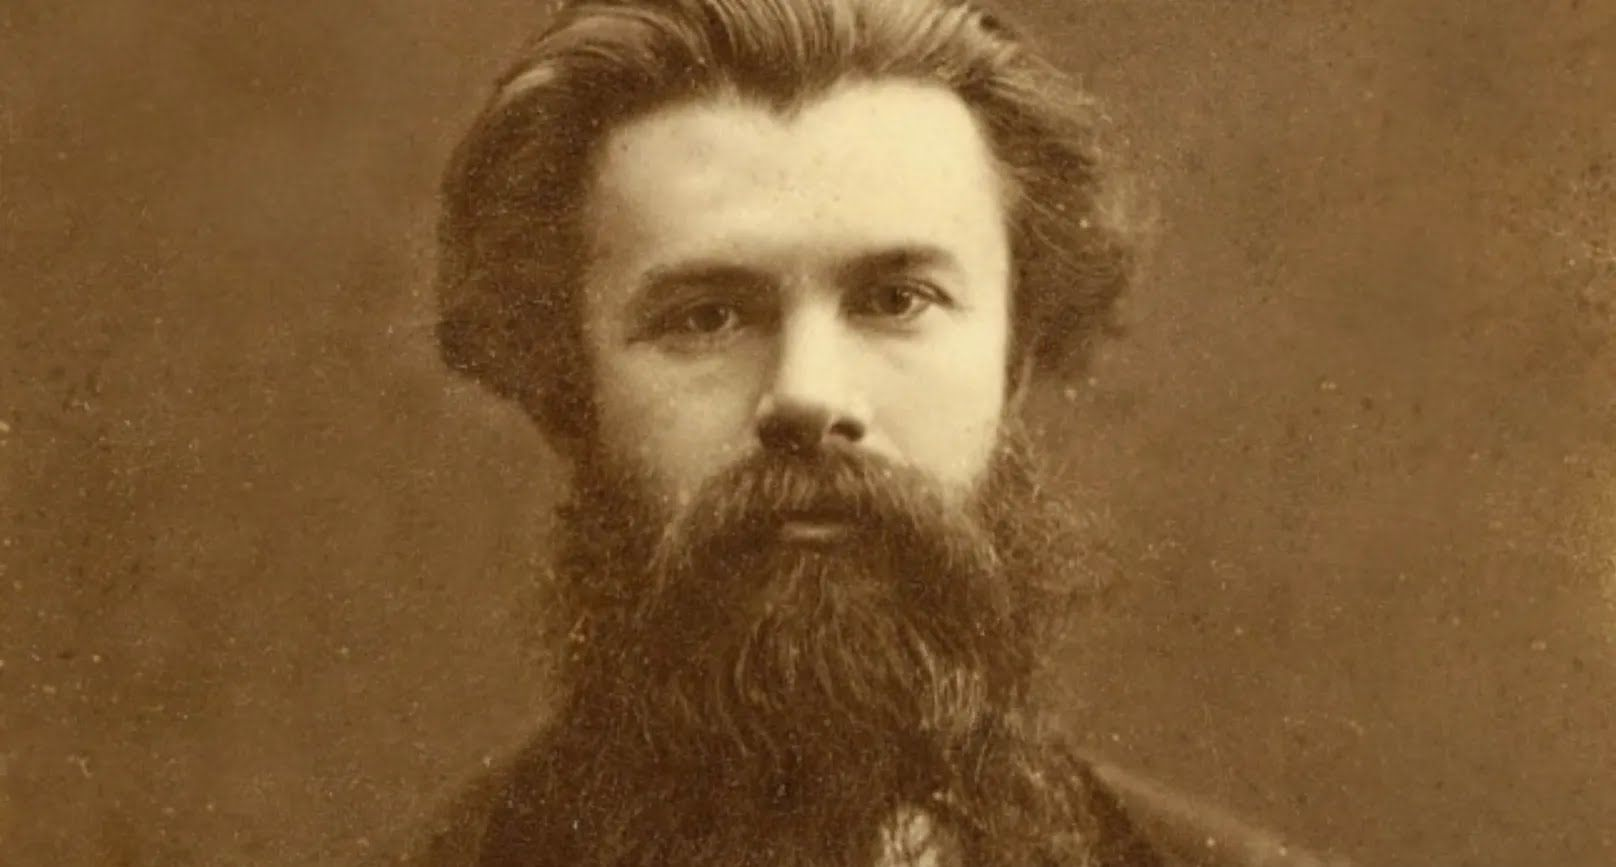 """Биографы Леси Украинский пишут, что она считала своего дядю Михаила Драгоманова """"идеалом"""". Фото 1870-х годов."""